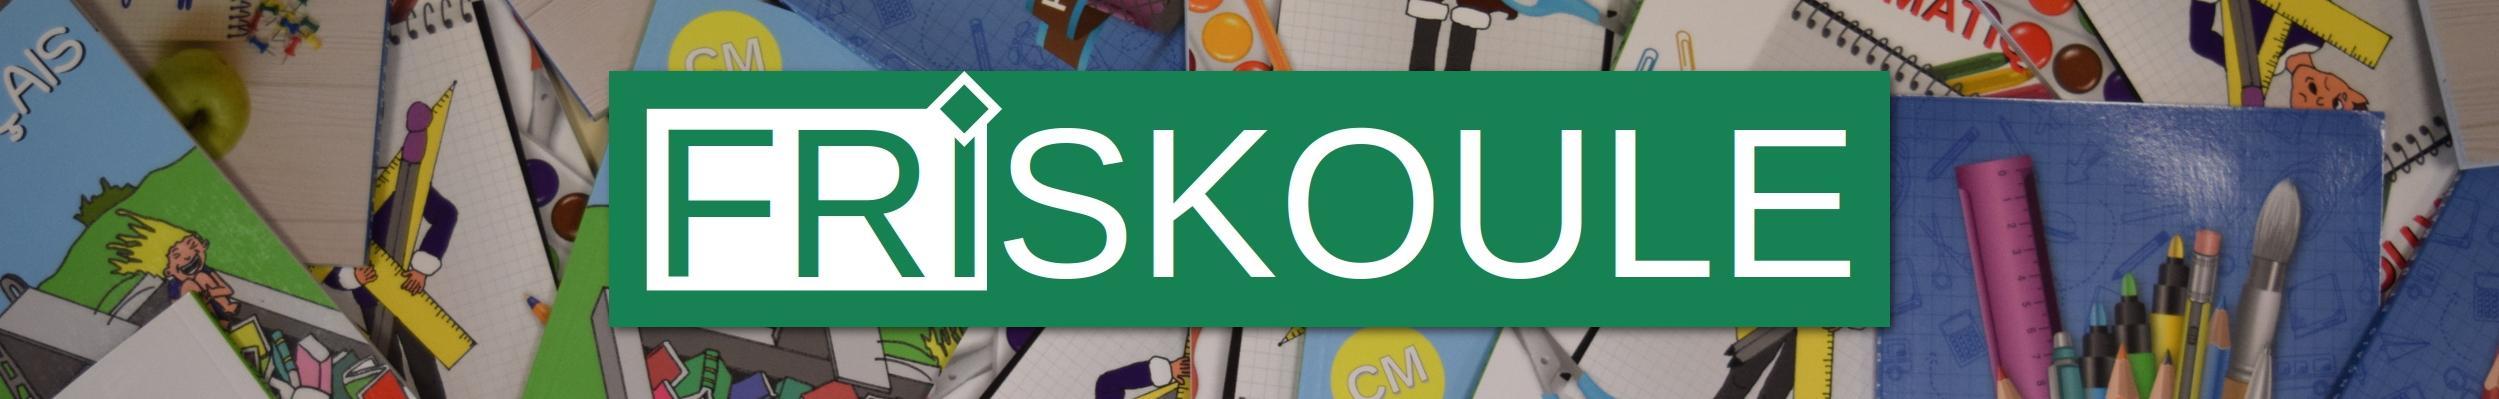 Friskoule Logo